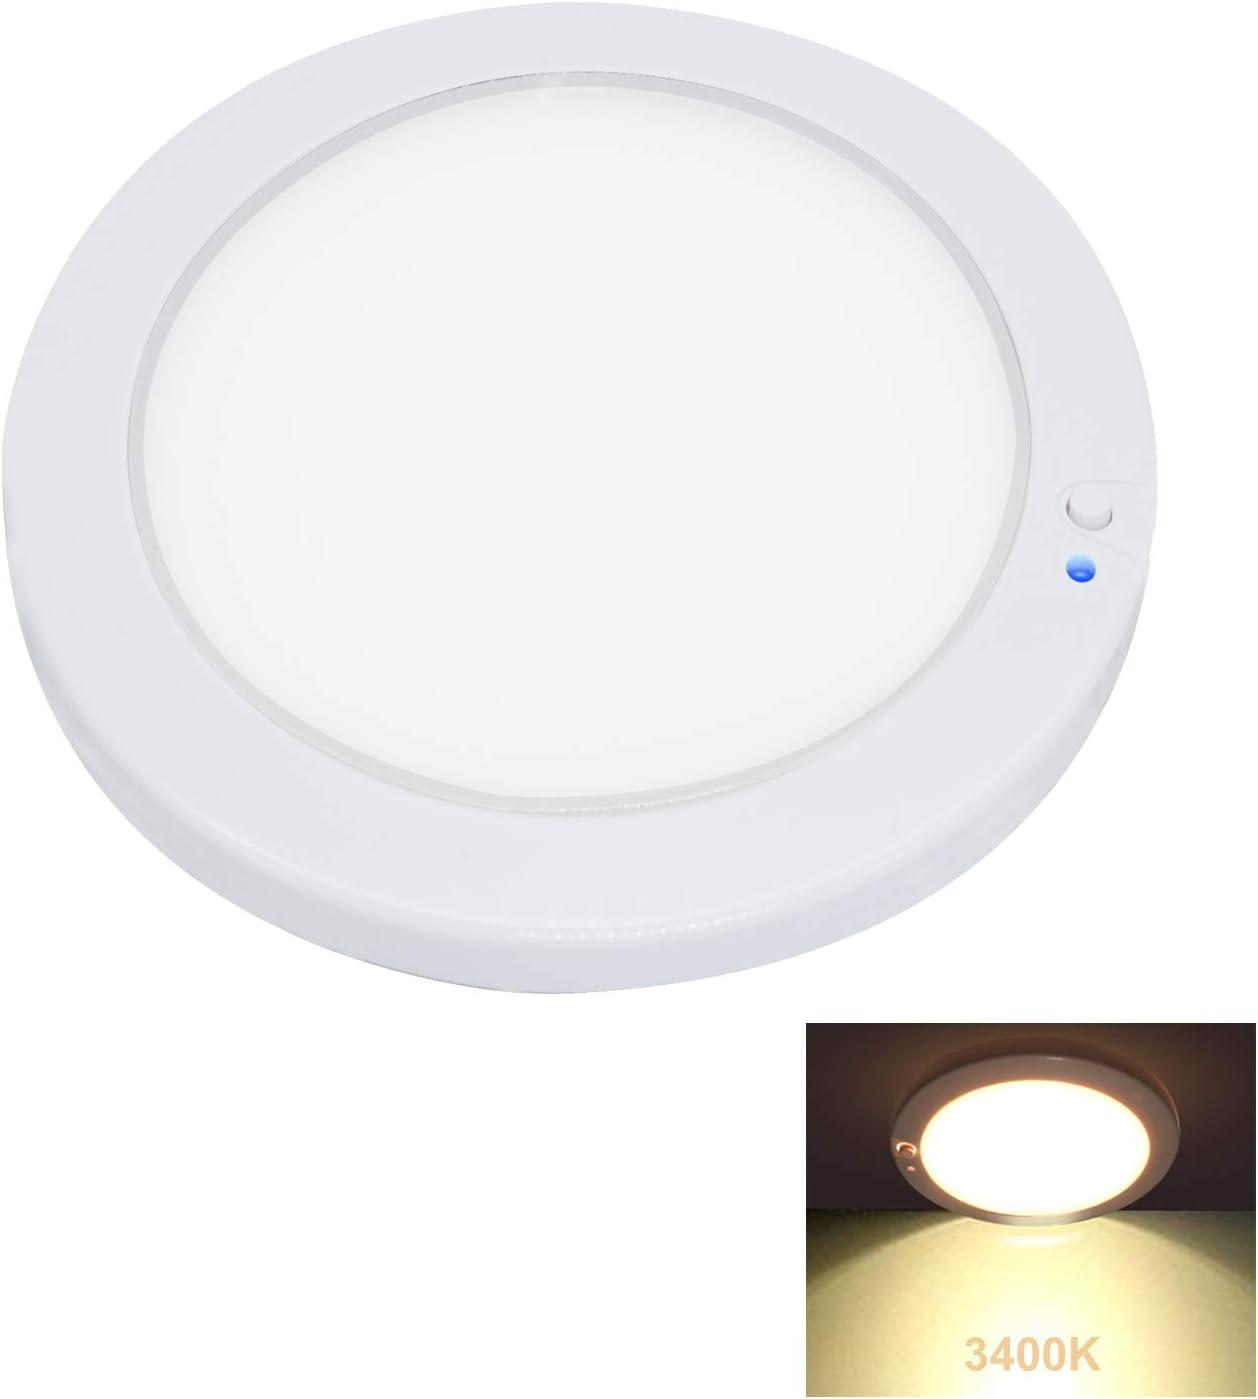 Facon 5Inch Luz del Panel LED de 12V Luz Interior del techo de la pared del techo con atenuador e indicador de encendido / apagado para, Autocaravana, Caravana, Barco, Remolque,